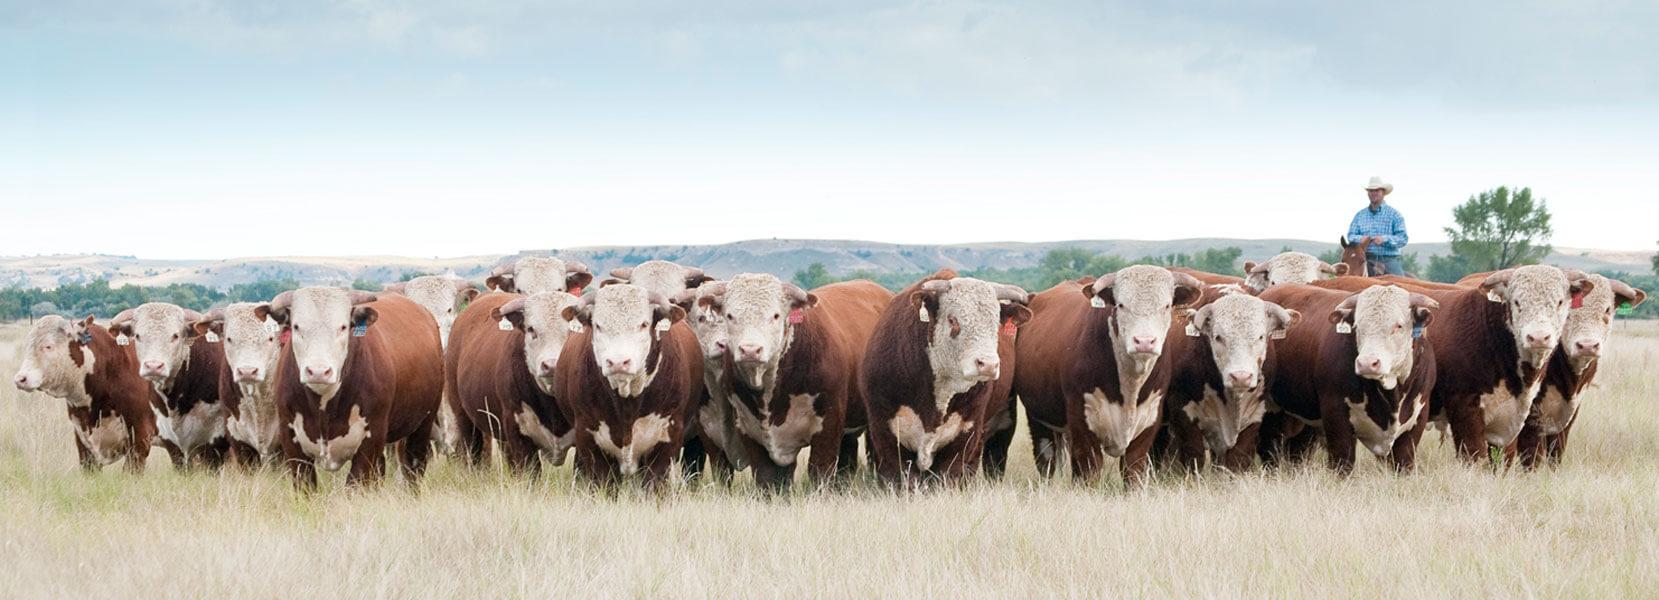 Коровы мясной породы Герефорд, секреты разведения, преимущества и недостатки